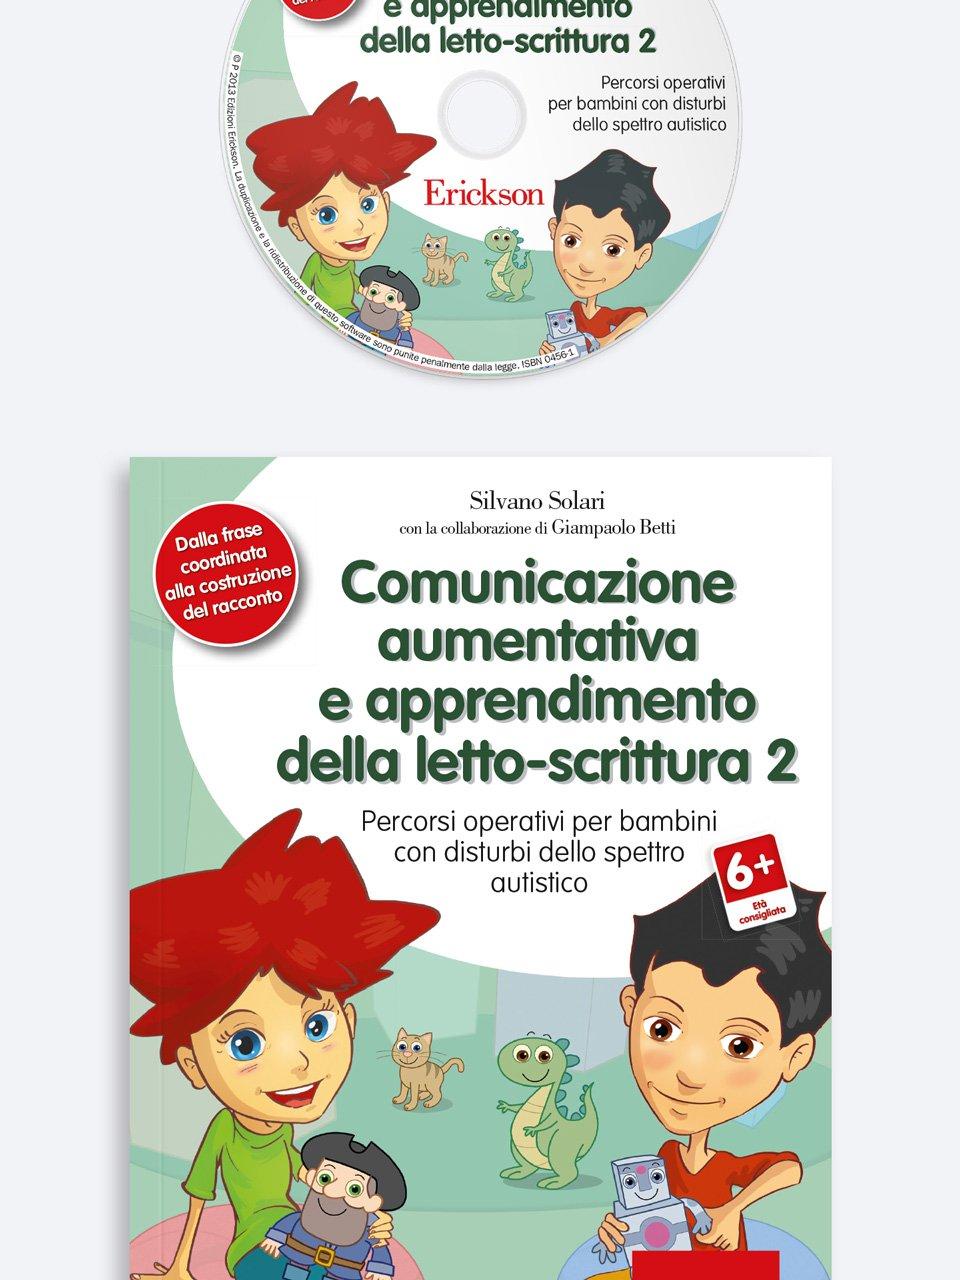 Comunicazione aumentativa e apprendimento della letto-scrittura 2 - Nostro figlio è autistico - Libri - Erickson